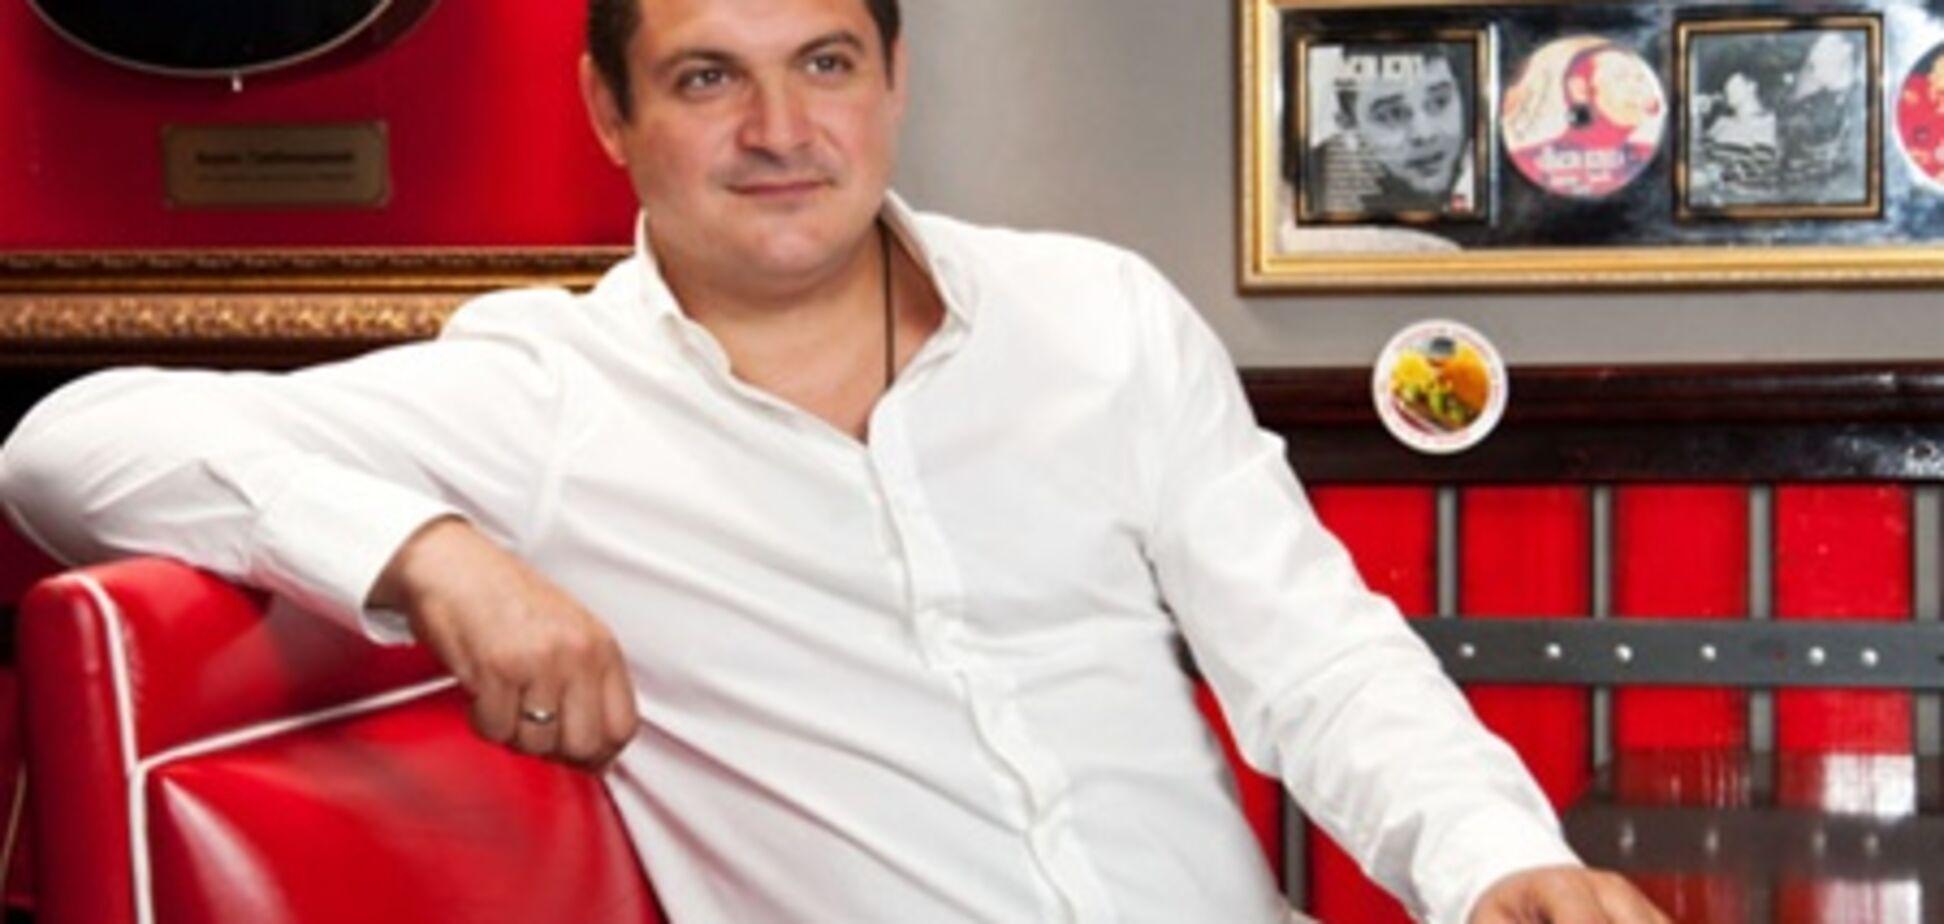 Сергей Предко: рестораны нужно создавать с любовью